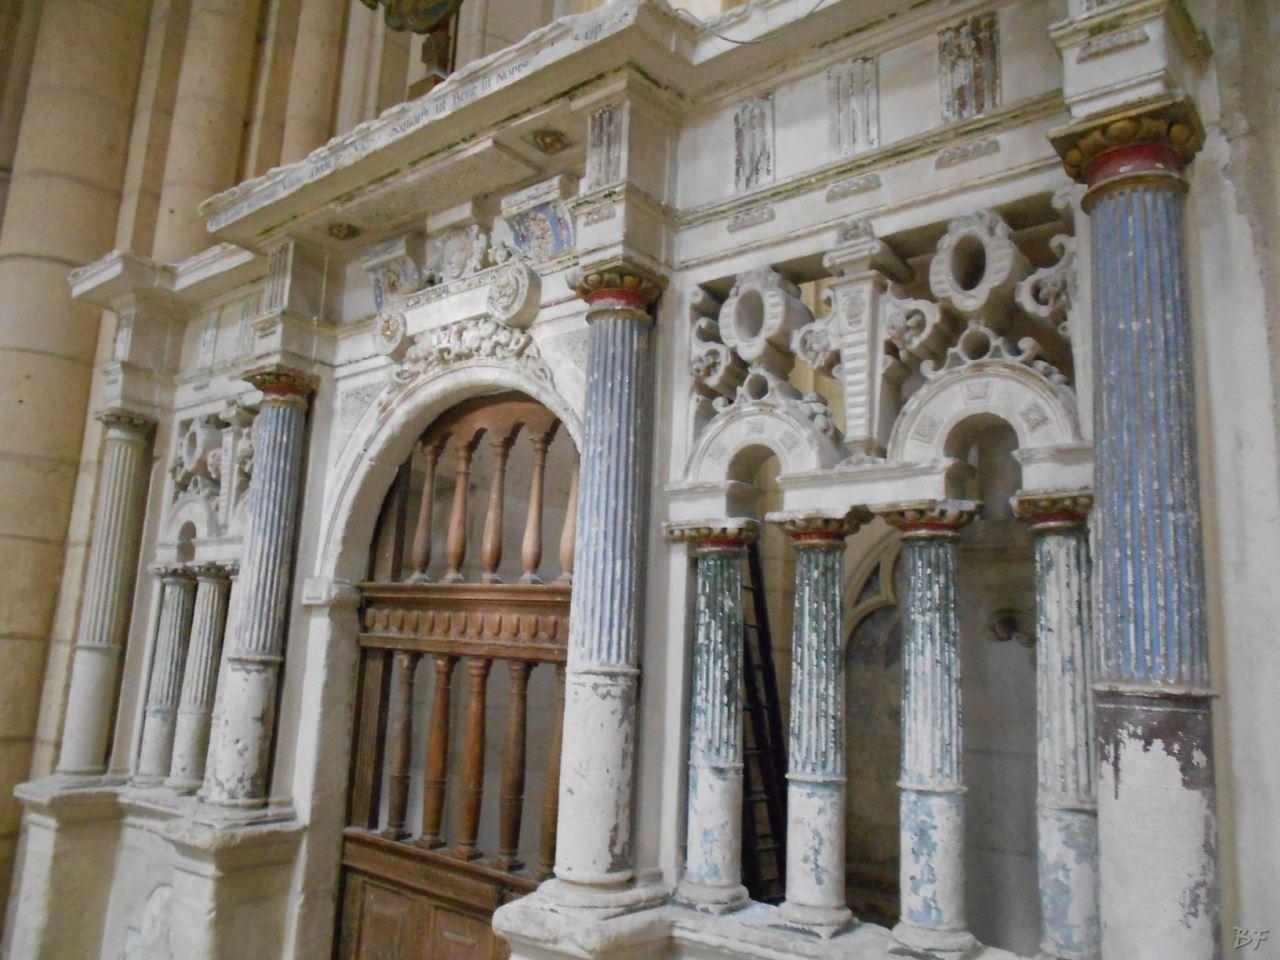 Cattedrale-Gotica-della-Vergine-di-Laon-Aisne-Hauts-de-France-19